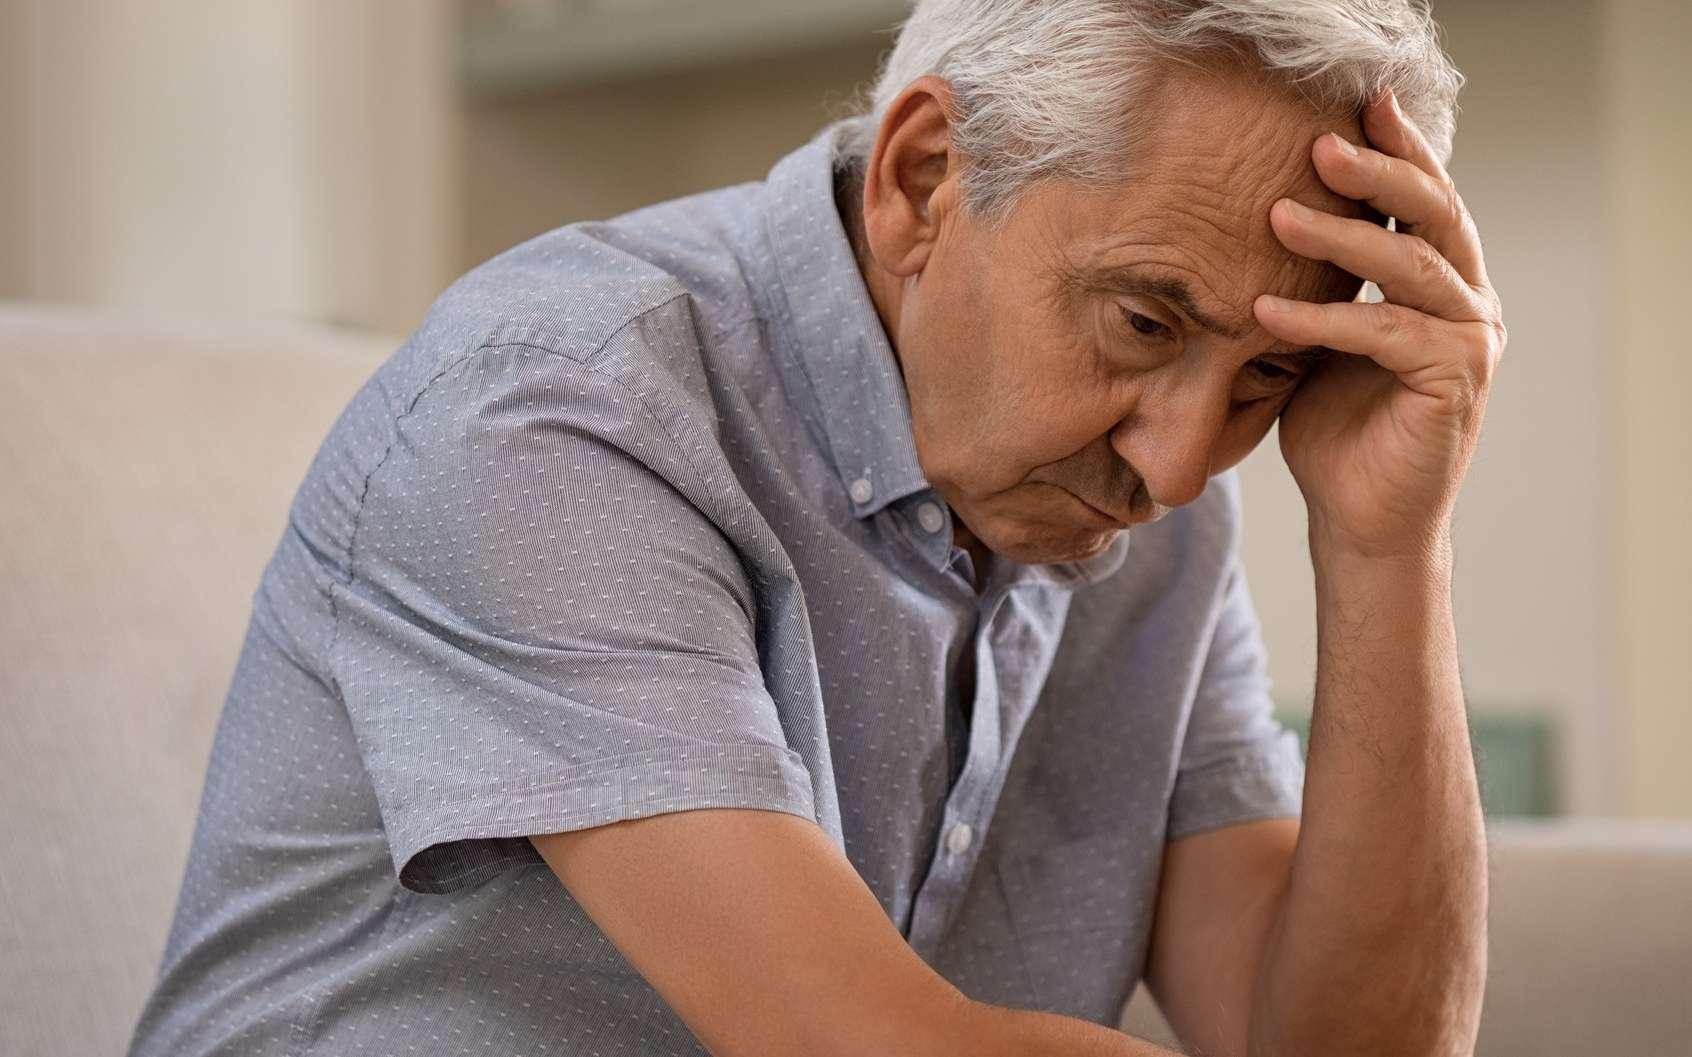 Chez près d'un tiers des patients souffrant de dépression, les traitements actuels sont inefficaces. © Rido, Fotolia